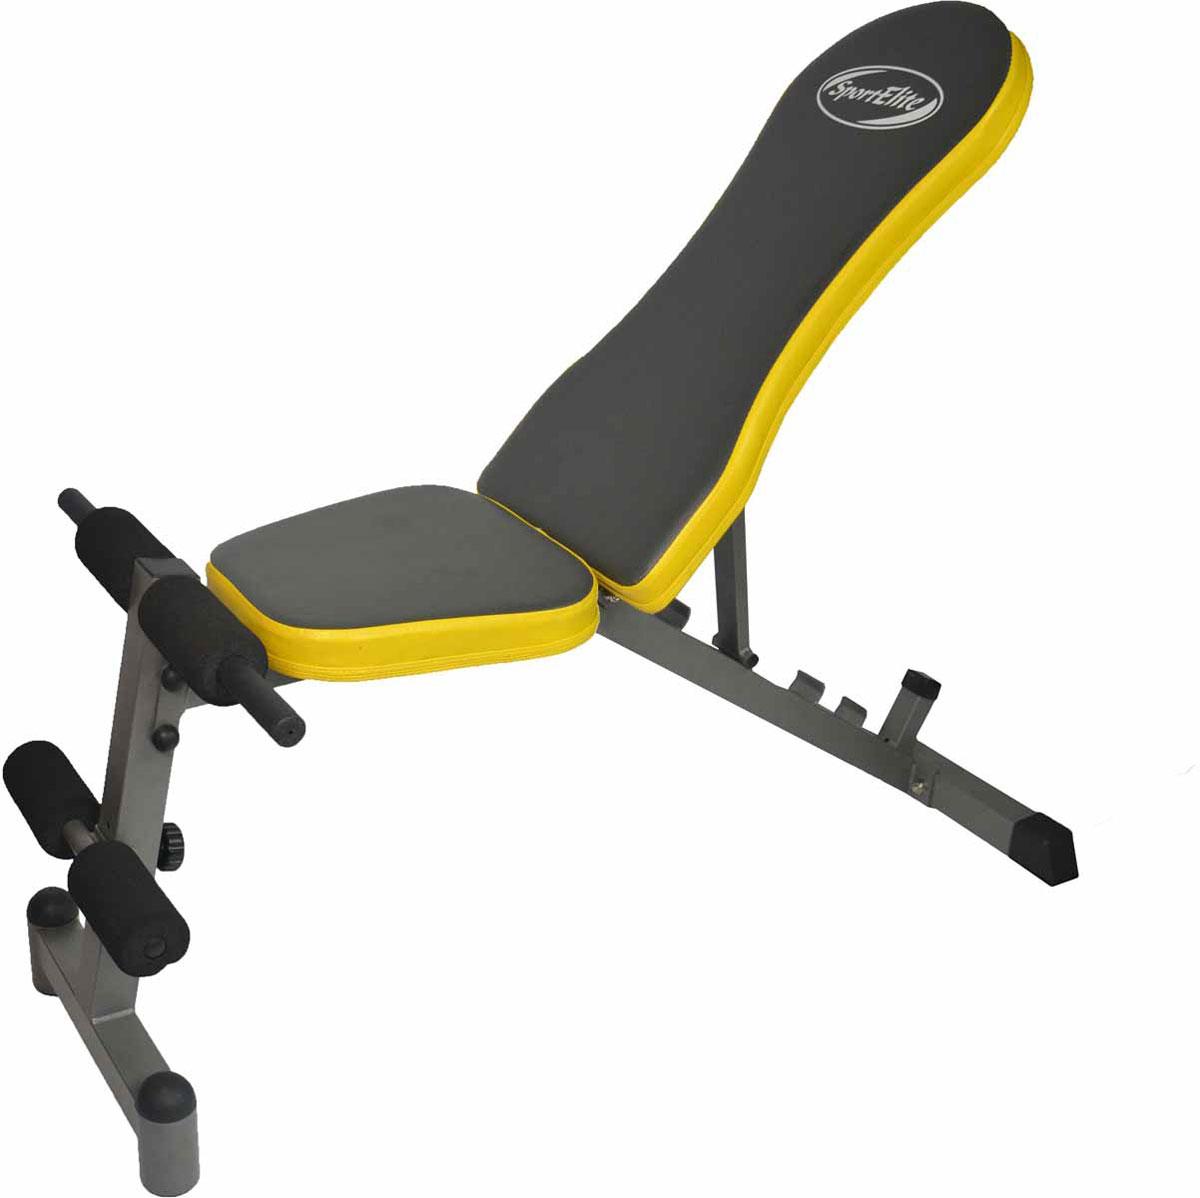 Cкамья для пресса Sport Elite SE808 относится к универсальным тренажерам, поскольку сфера её использования распространяется не только на упражнения для пресса. Эта скамья может применяться в качестве горизонтальной поверх ности для упражнений с гантелями. На скамье для пресса Sport Elite SE808 вы можете поднимать ноги и туловище, тренировать длинные мышцы спины, делать упражнения с гантелями.Надежная конструкция позволяет заниматься на тренажере пользователям весом до 120 килограмм . Валики для ног регулируются по высоте, и каждый пользователь может настроить их под себя. Наклон скамьи также можно регулировать – есть 4 наклонных положений и горизонтальное положение. Удобная эргономичная спинка и валики для ног избавляют от дискомфорта во время тренировки, делая её максимально продуктивной.Основные характеристики Изменения высоты: ЕстьИзменение положения валиков: ЕстьПодушка: мягкая, 50 ммГабариты тренажера 125 х 59 х 129 смГабариты тренажера в упаковке 120 х 44 х 21 смВес (кг) 14,5 кгВес в упаковке (кг) 17 кгСтрана производитель: КитайГарантия 18 месяцев.